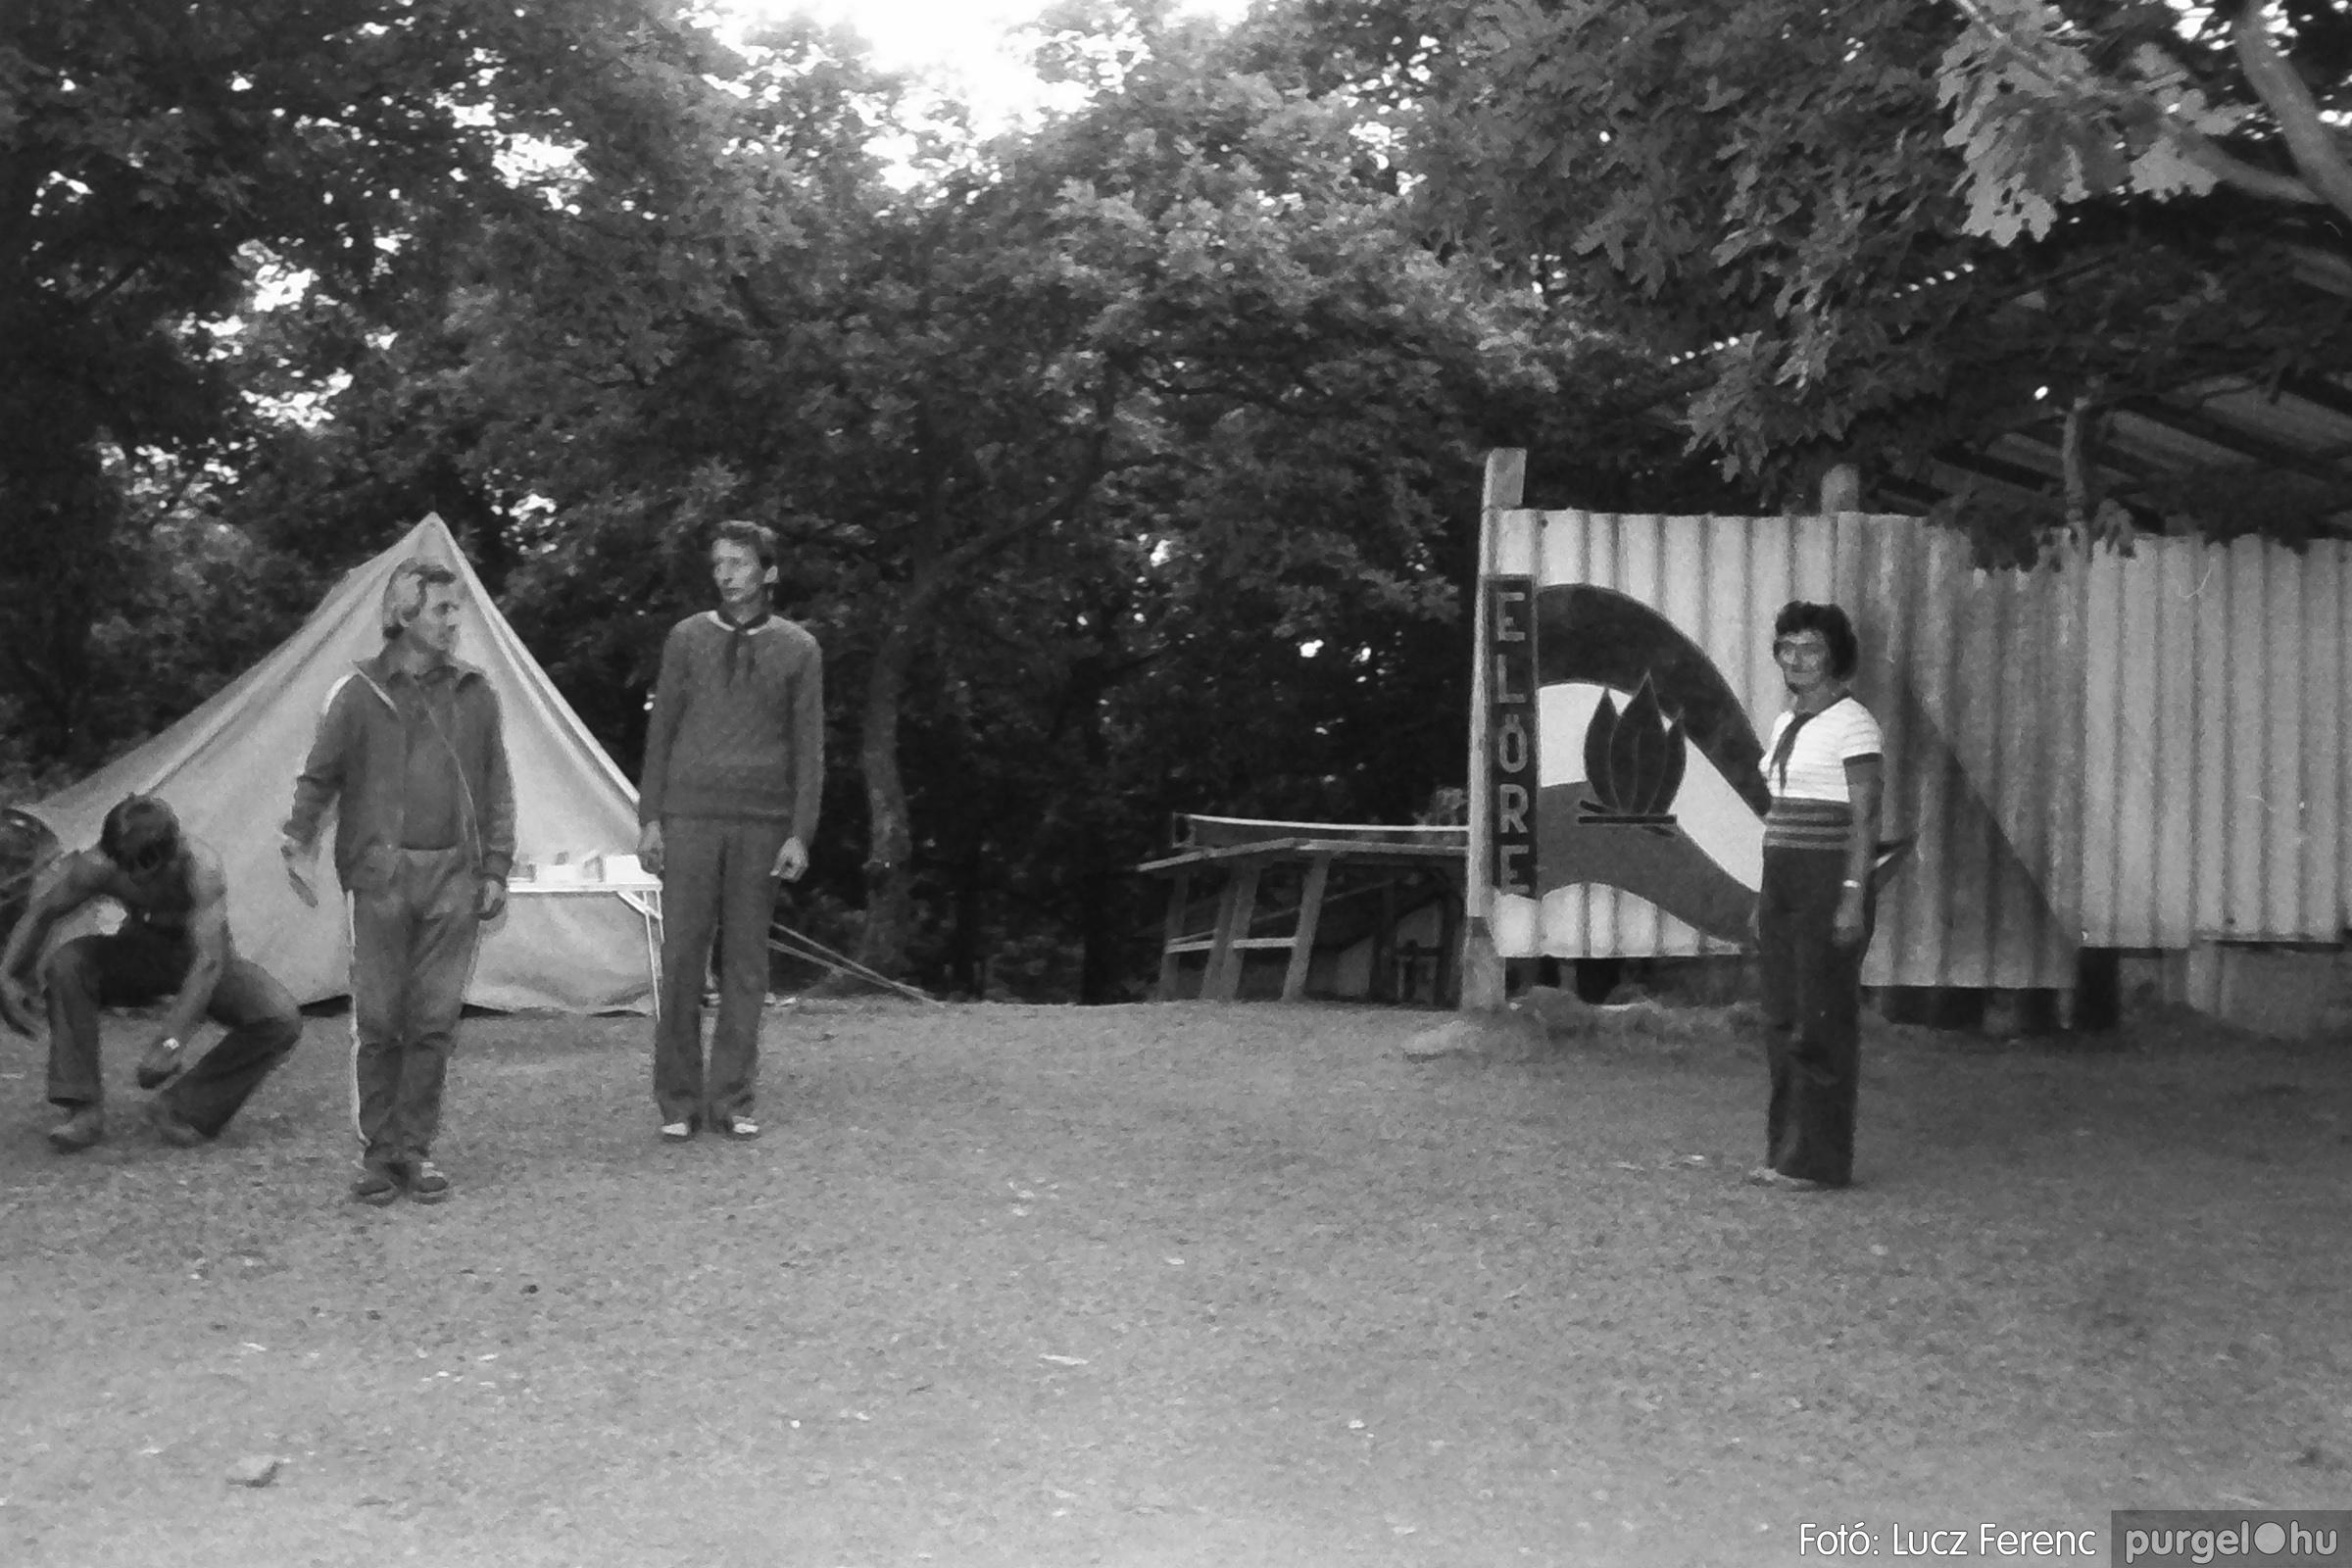 086, 088. 1977. Nyári tábor a Mátrában 048. - Fotó: Lucz Ferenc.jpg